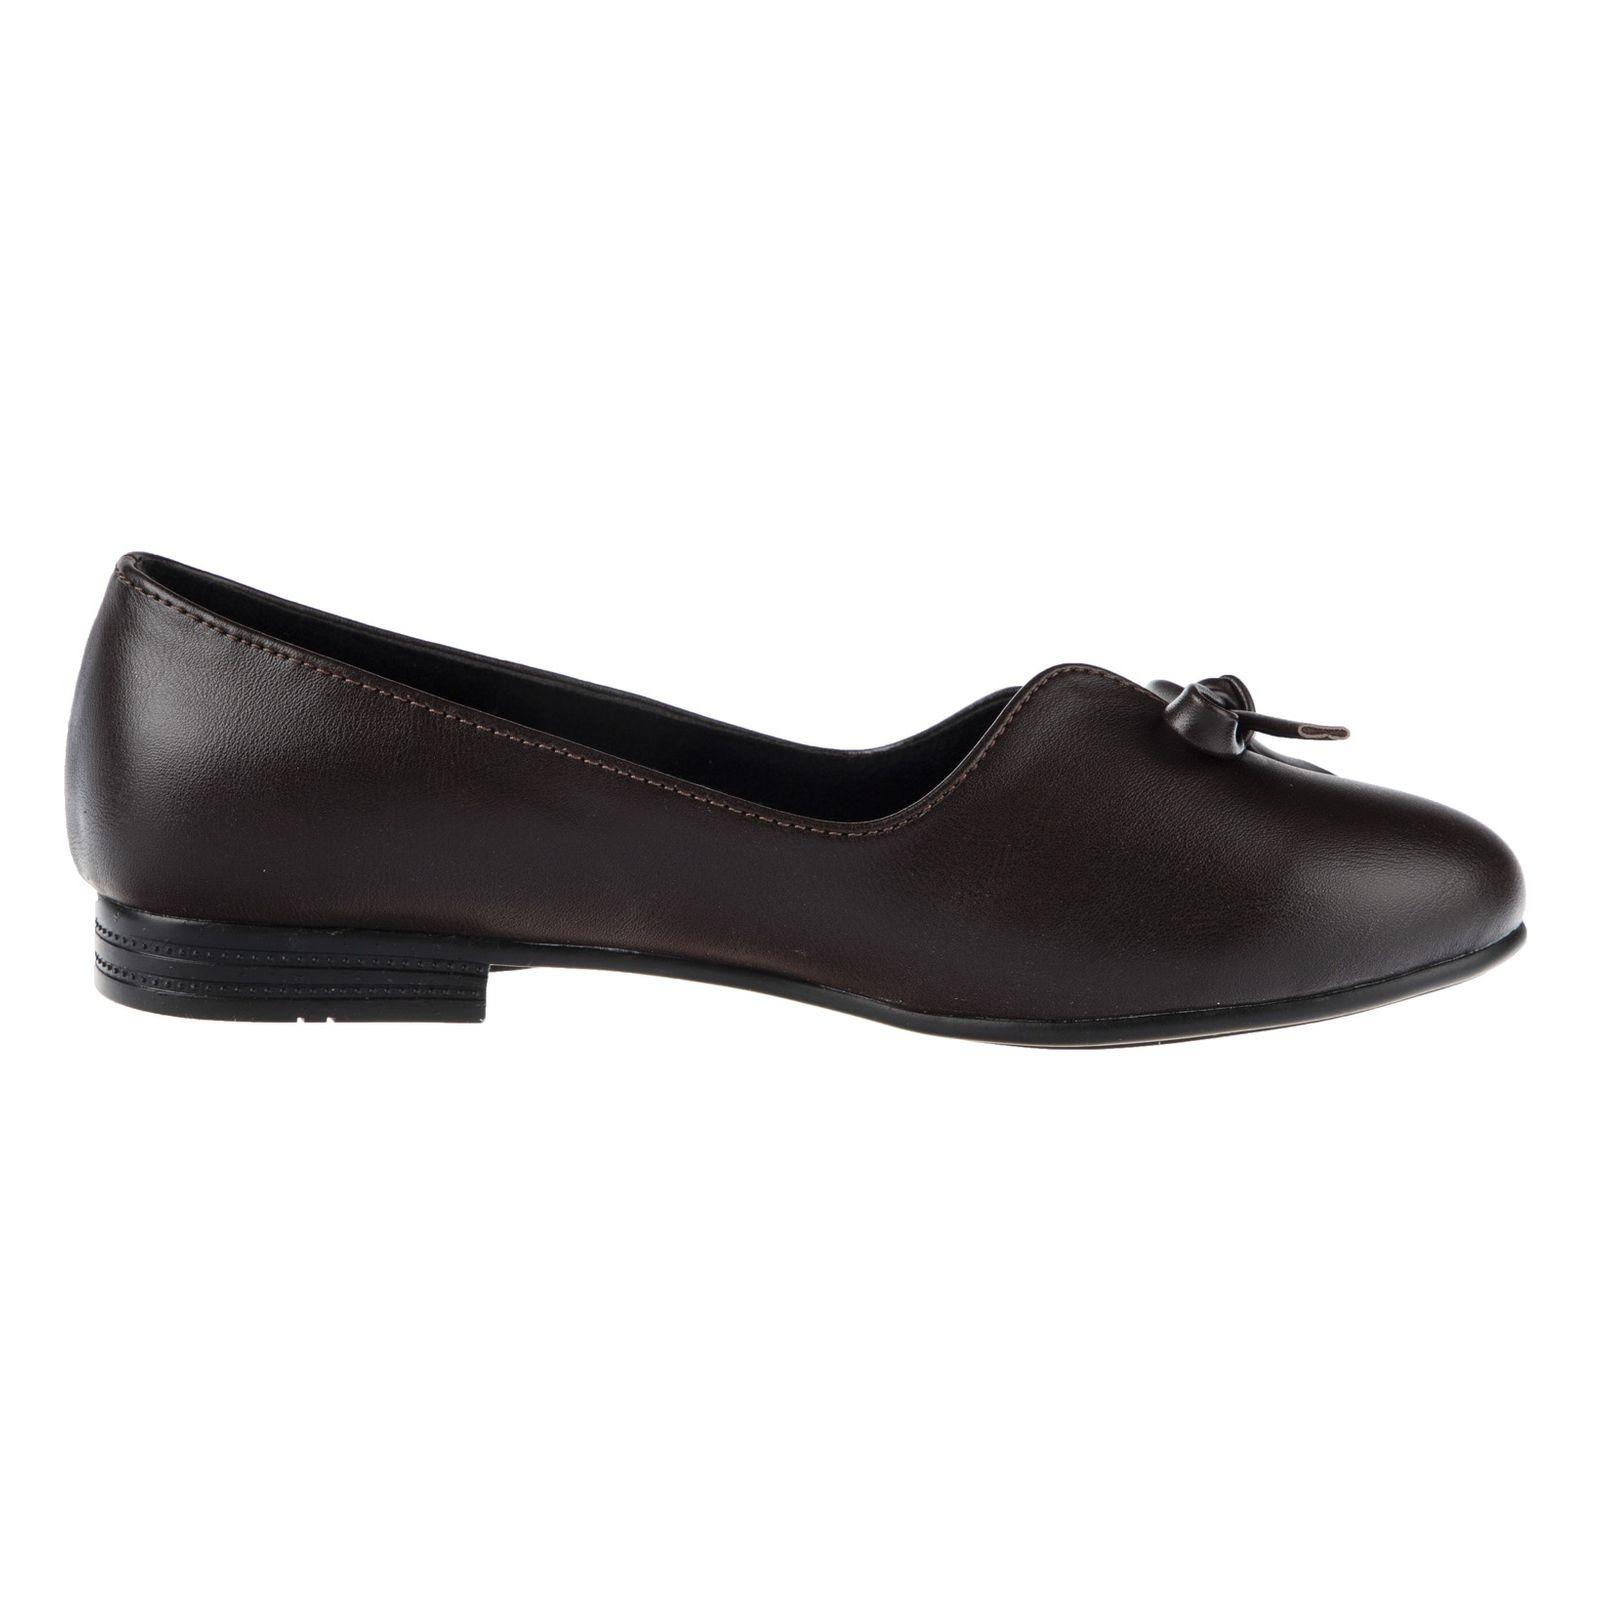 کفش تخت زنانه ام تو مدل 324-0006 -  - 4